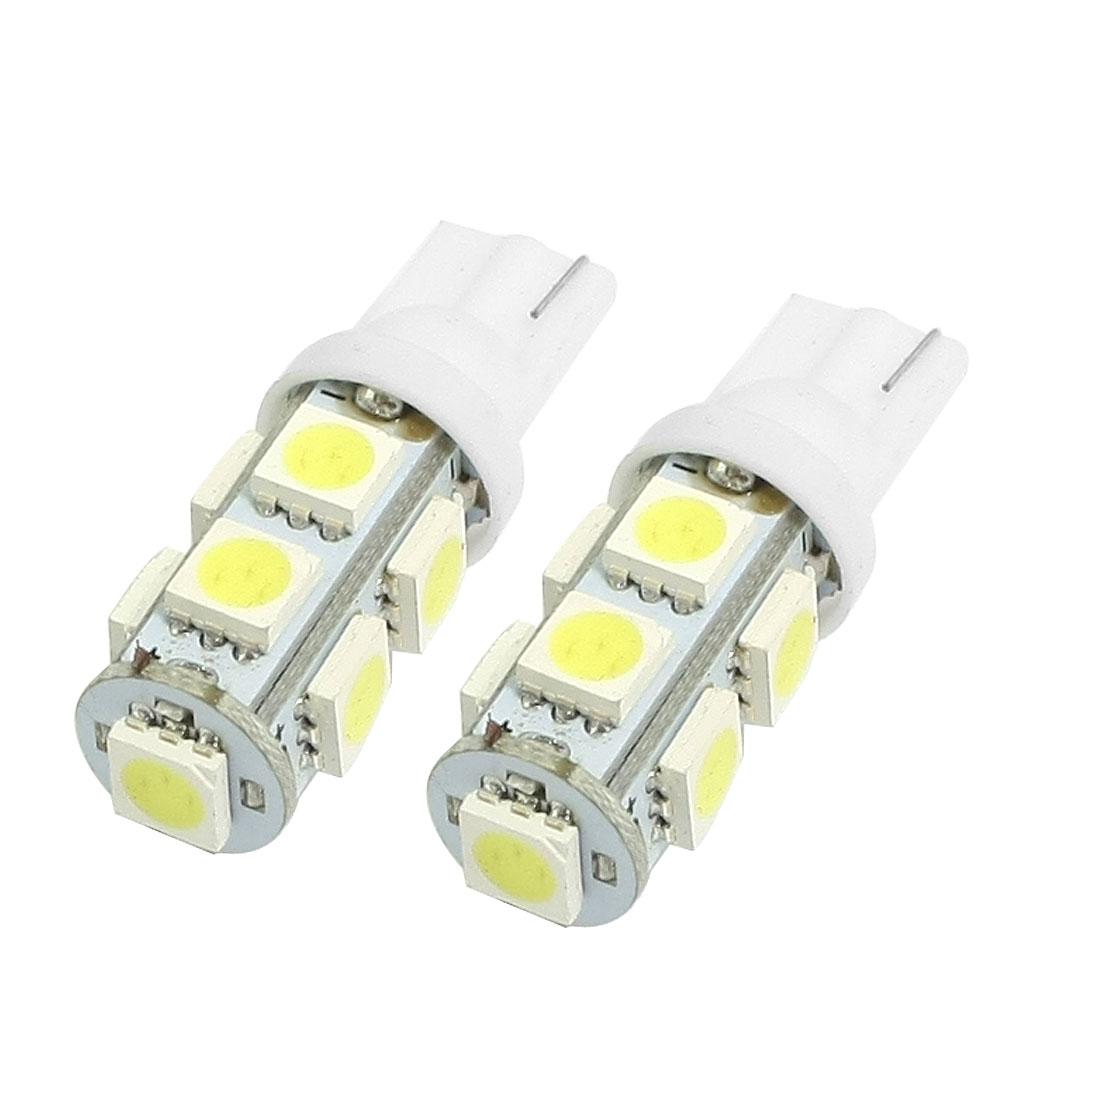 2 Pcs Car T10 194 White 5050 9 SMD LED Reading Backup Light Bulb Lamp internal